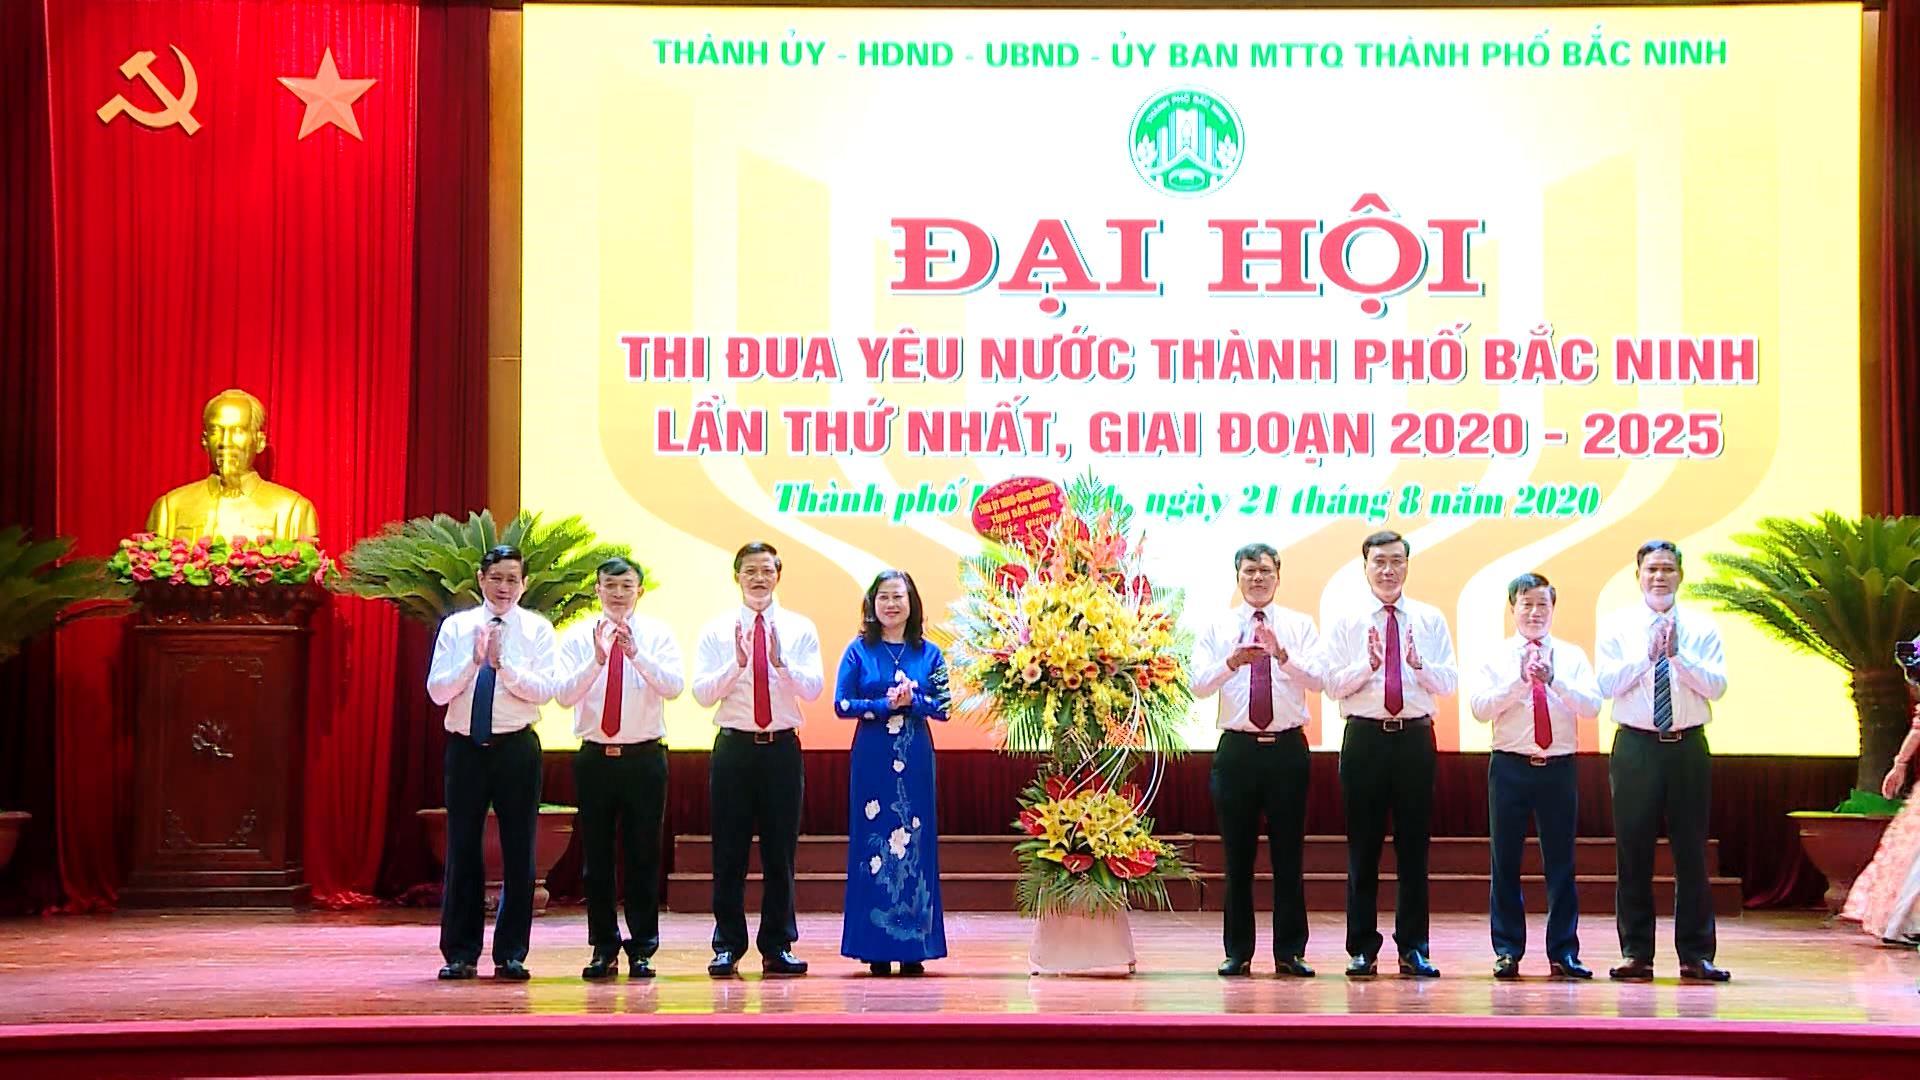 Đại hội Thi đua yêu nước thành phố Bắc Ninh lần thứ Nhất (Giai đoạn 2020-2025)